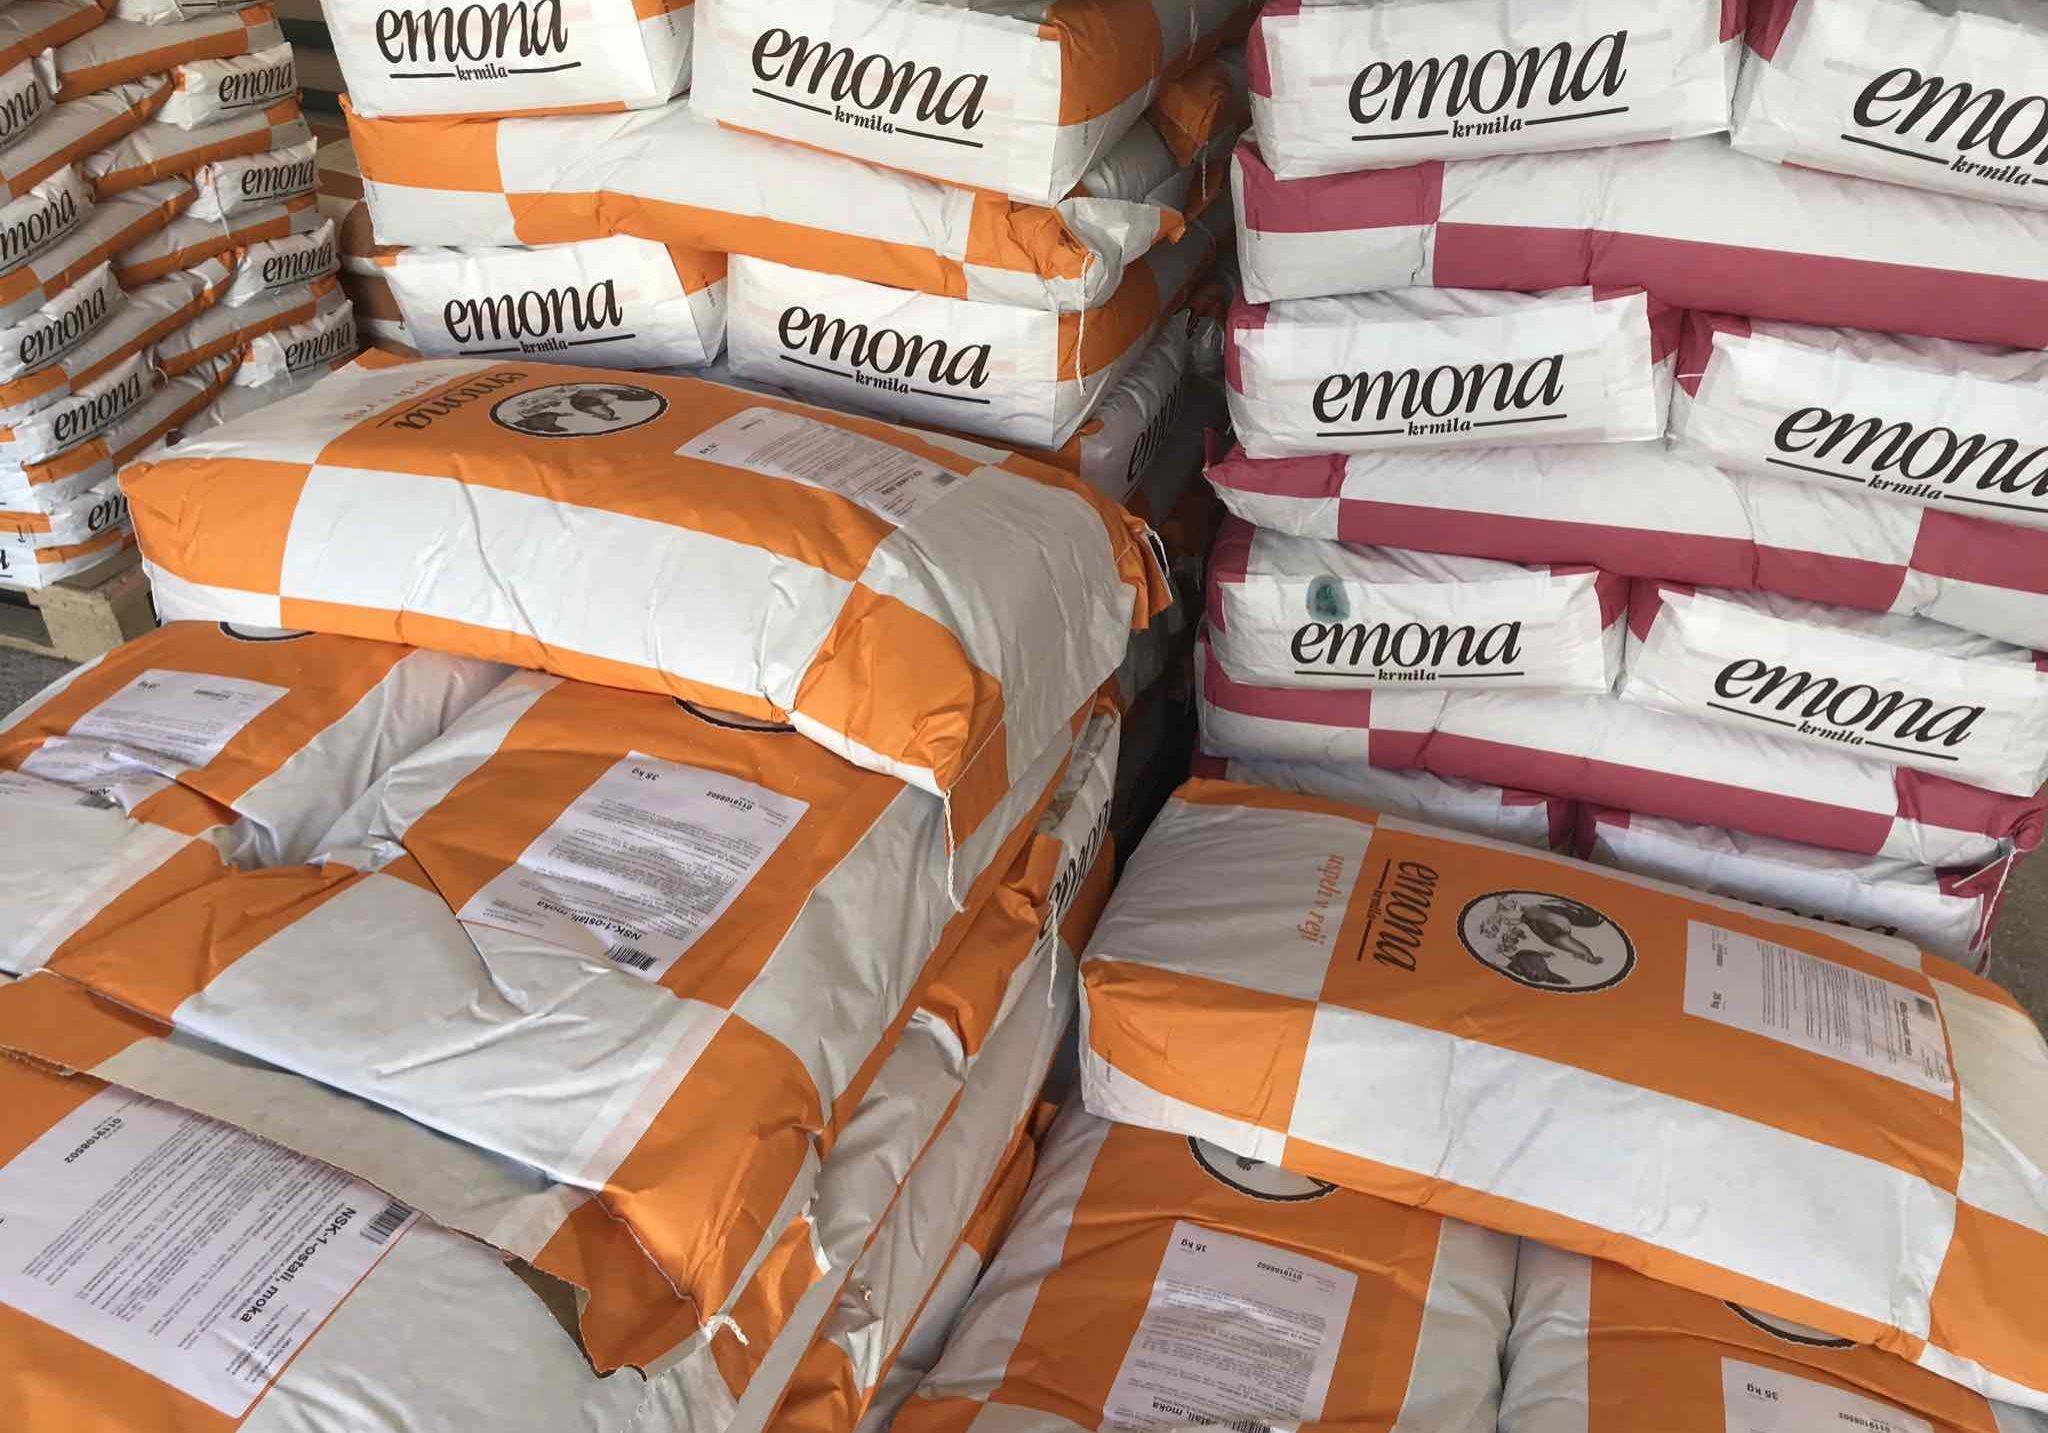 kmetijska trgovina cegnar - krmila